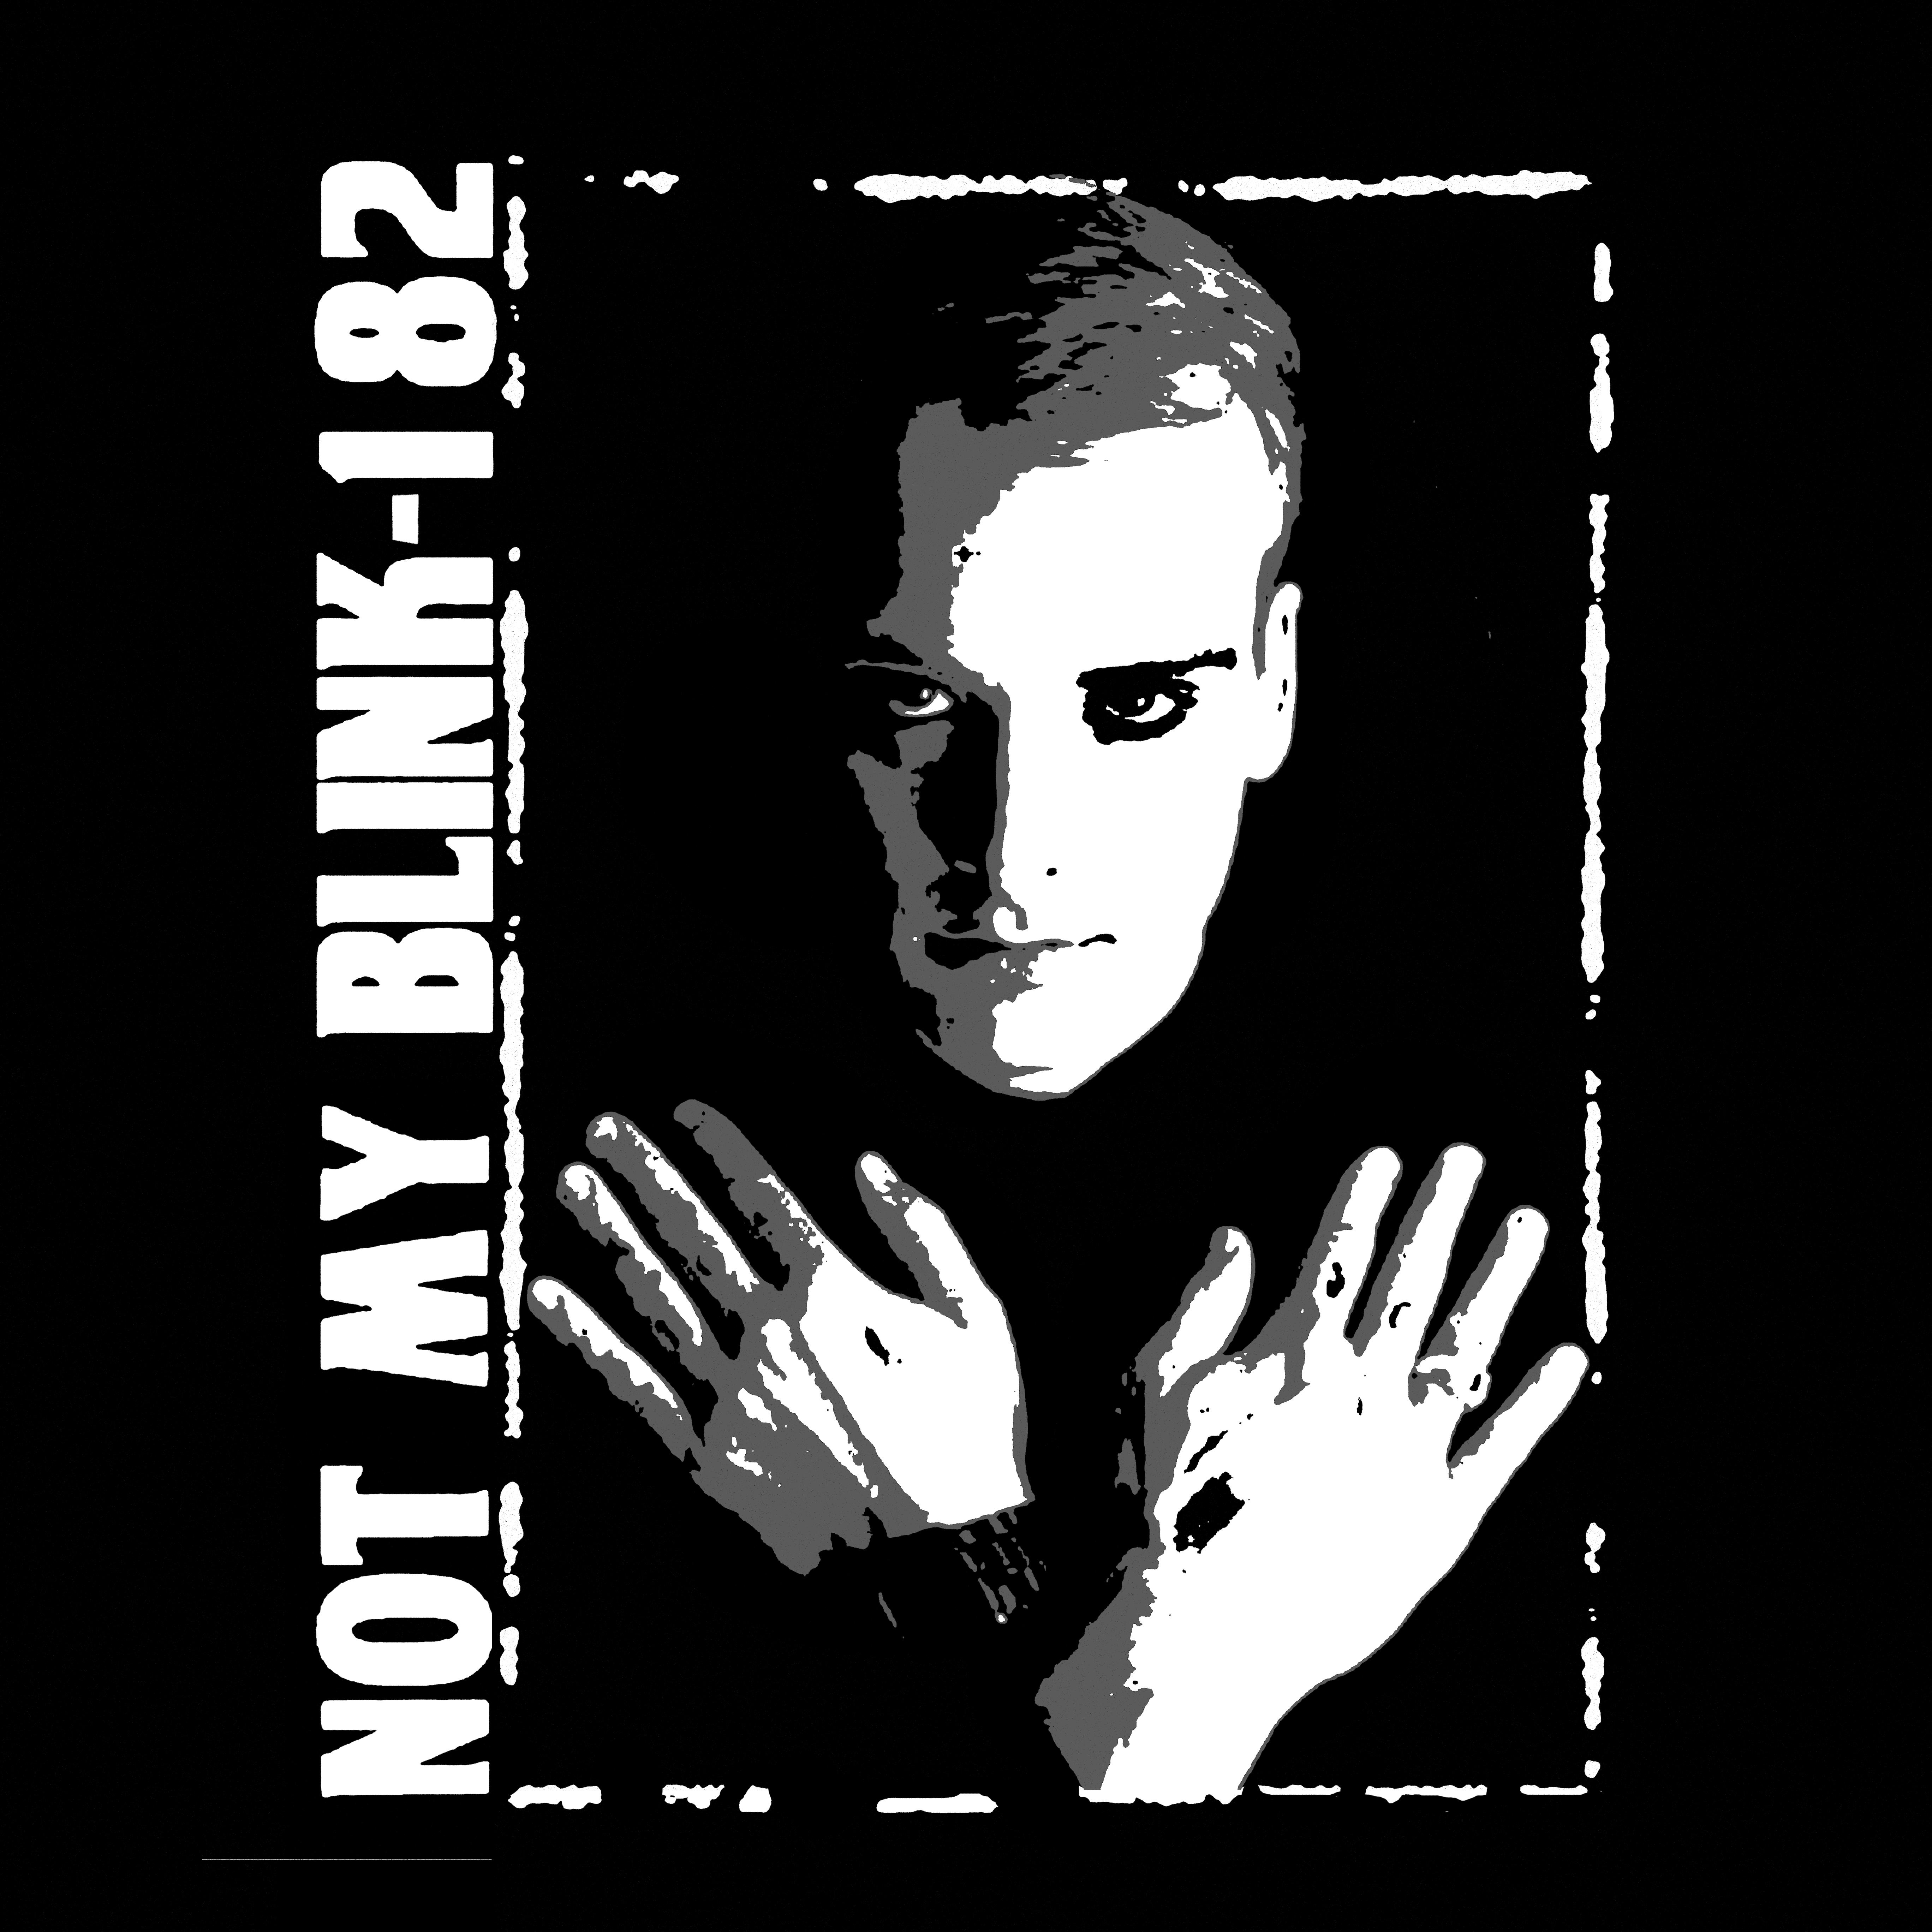 Not My Blink-182 Shirt